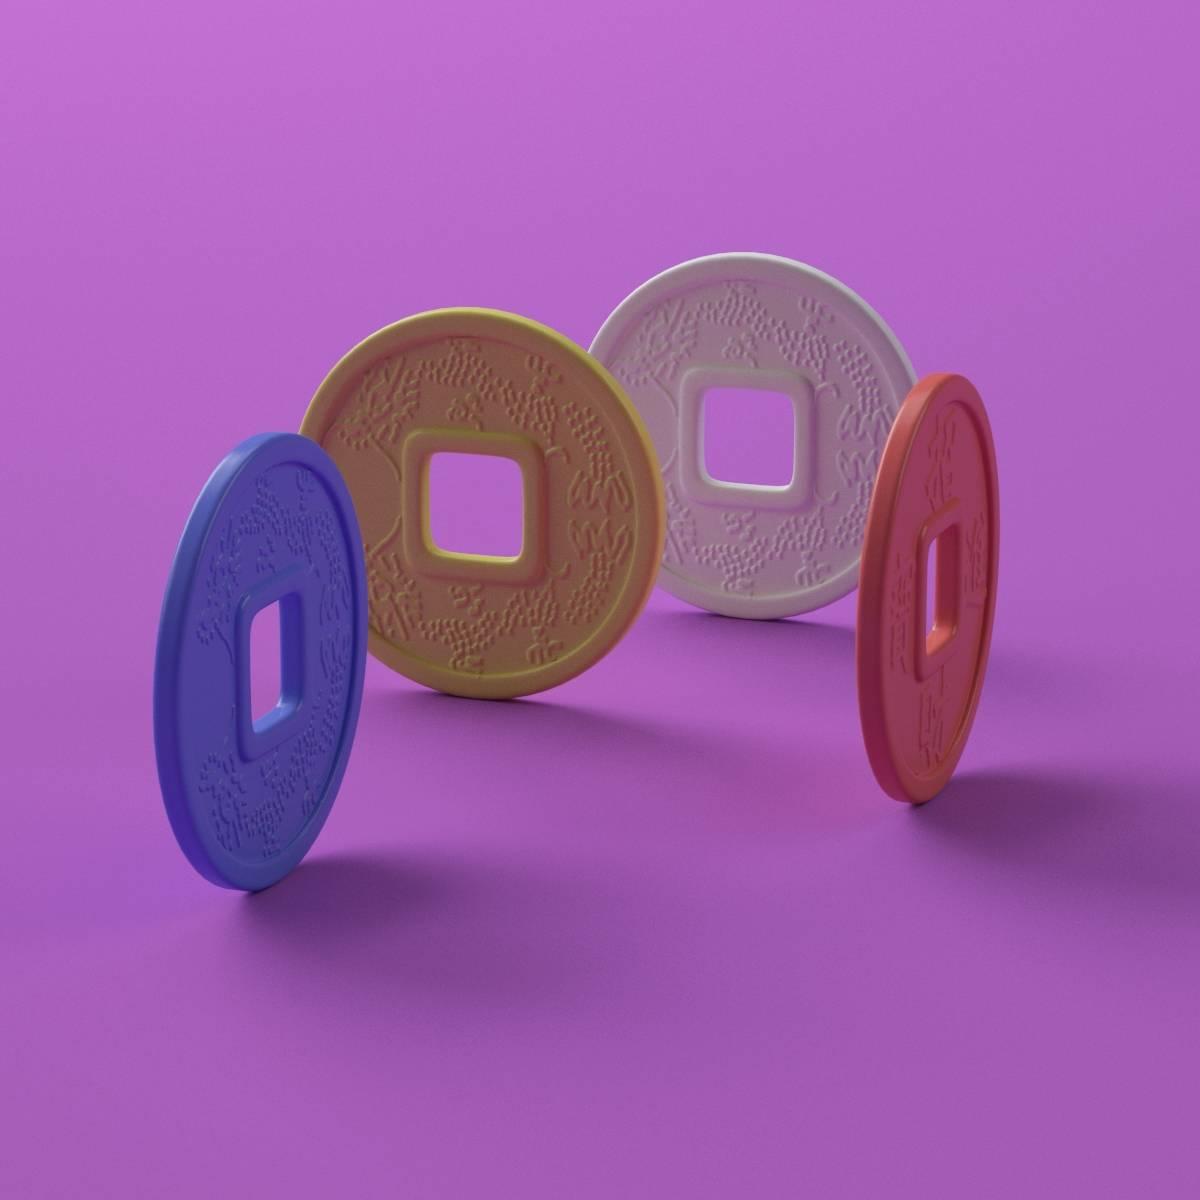 plastic_coins-0007